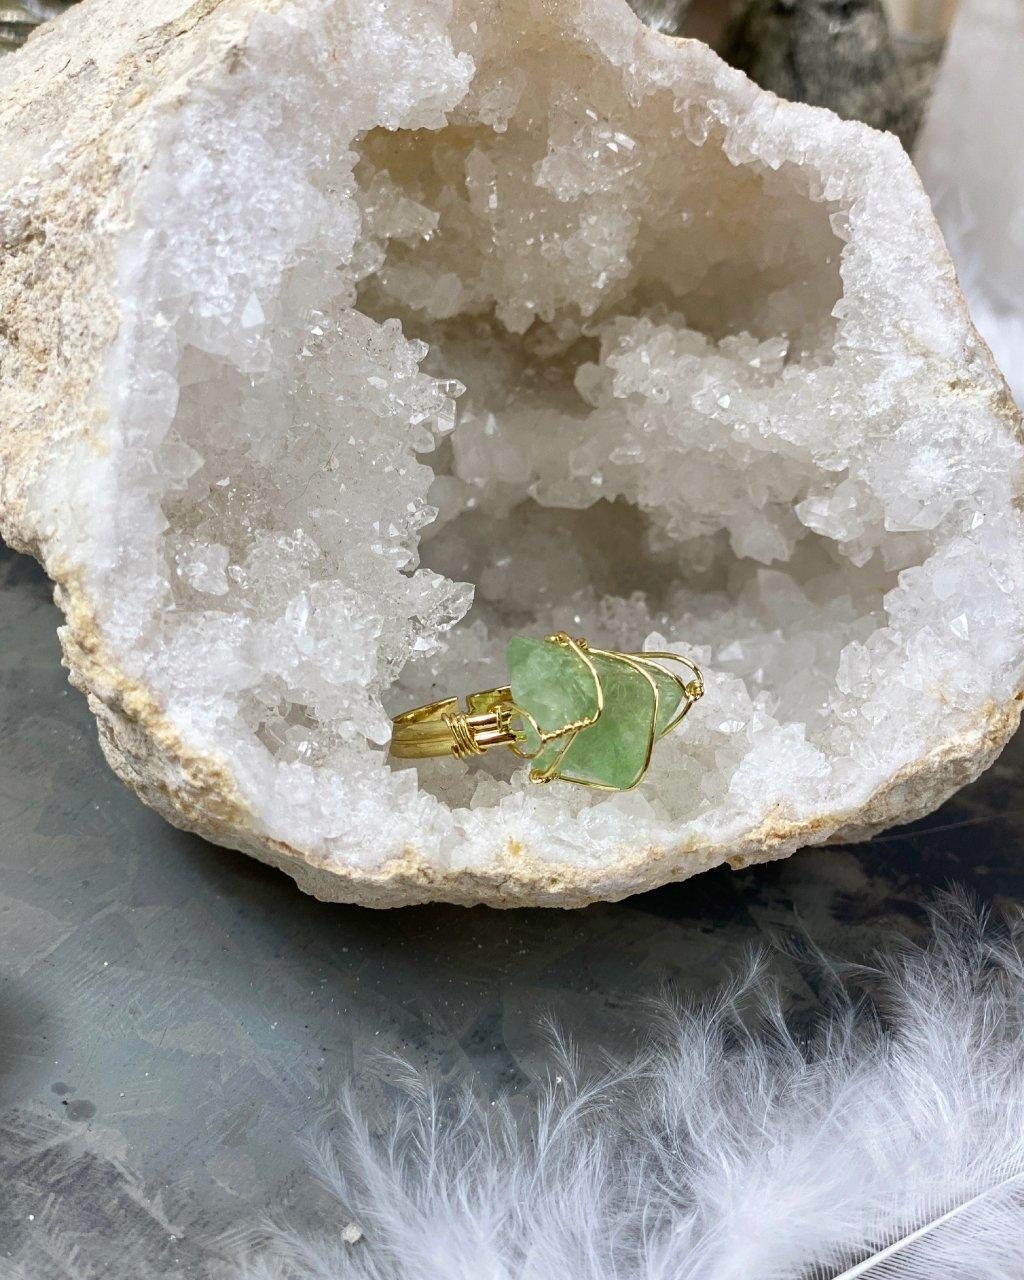 Dámský prstýnek s krystalem zeleného kalcitu gold